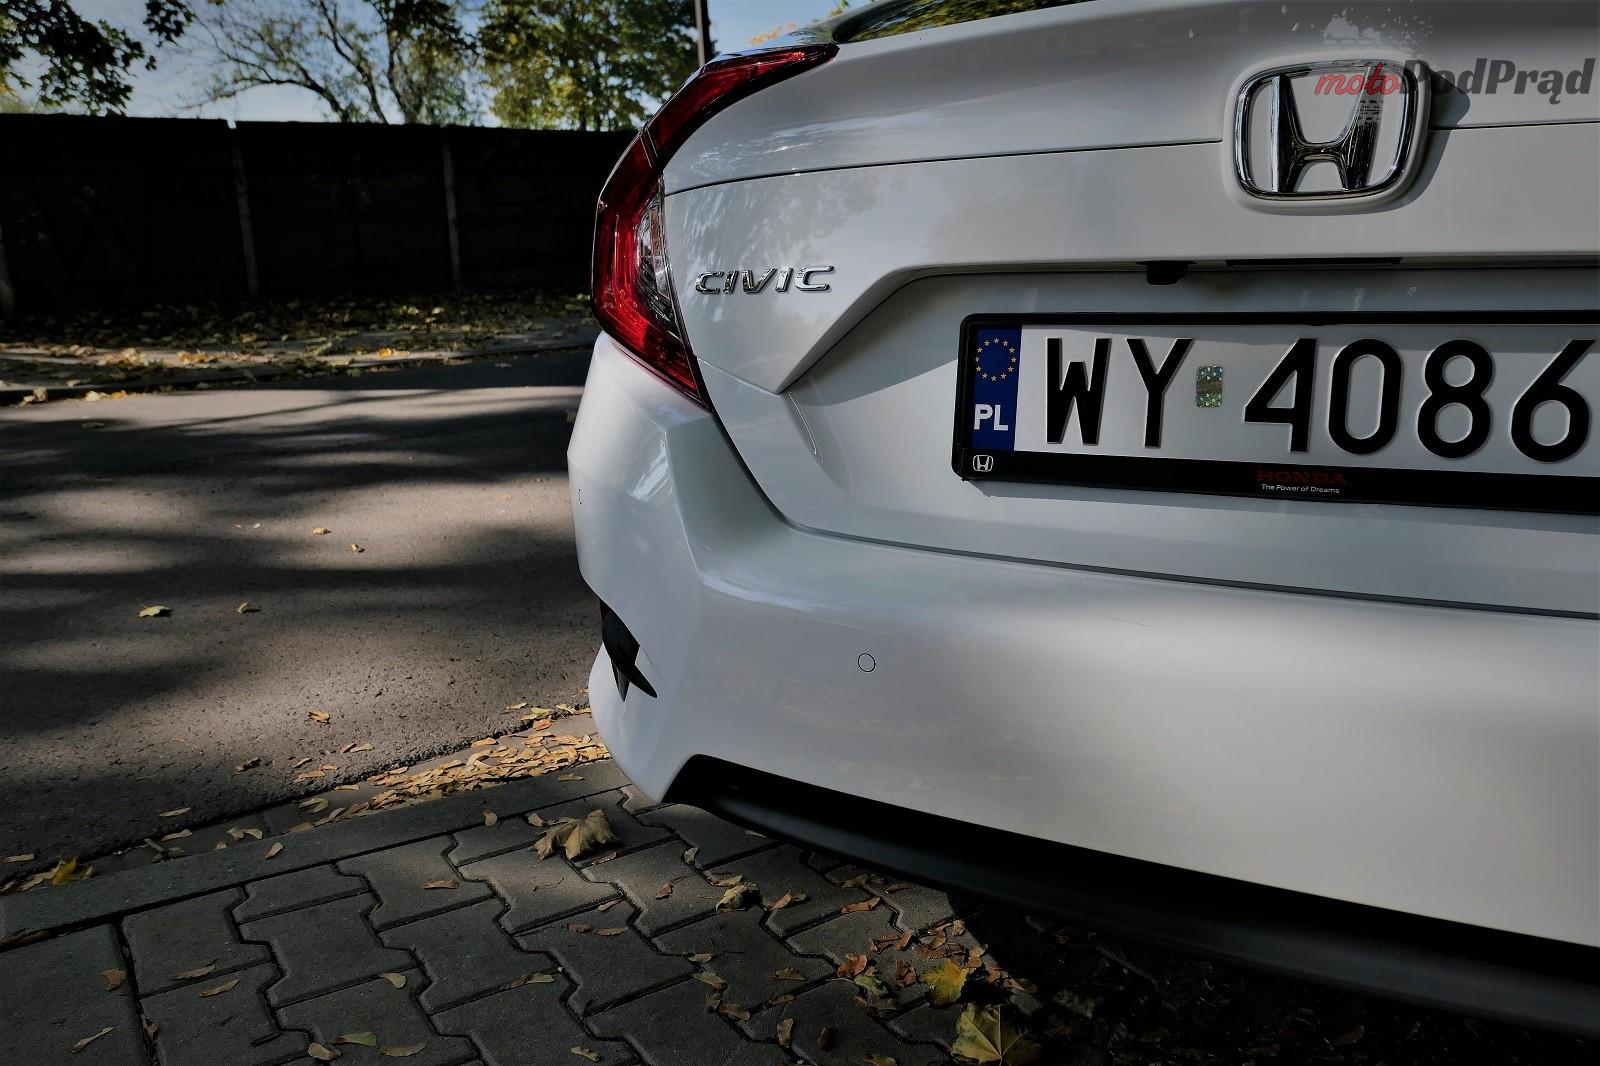 Honda Civix X Sedan 15 10 rzeczy, które zaskakują w Hondzie Civic